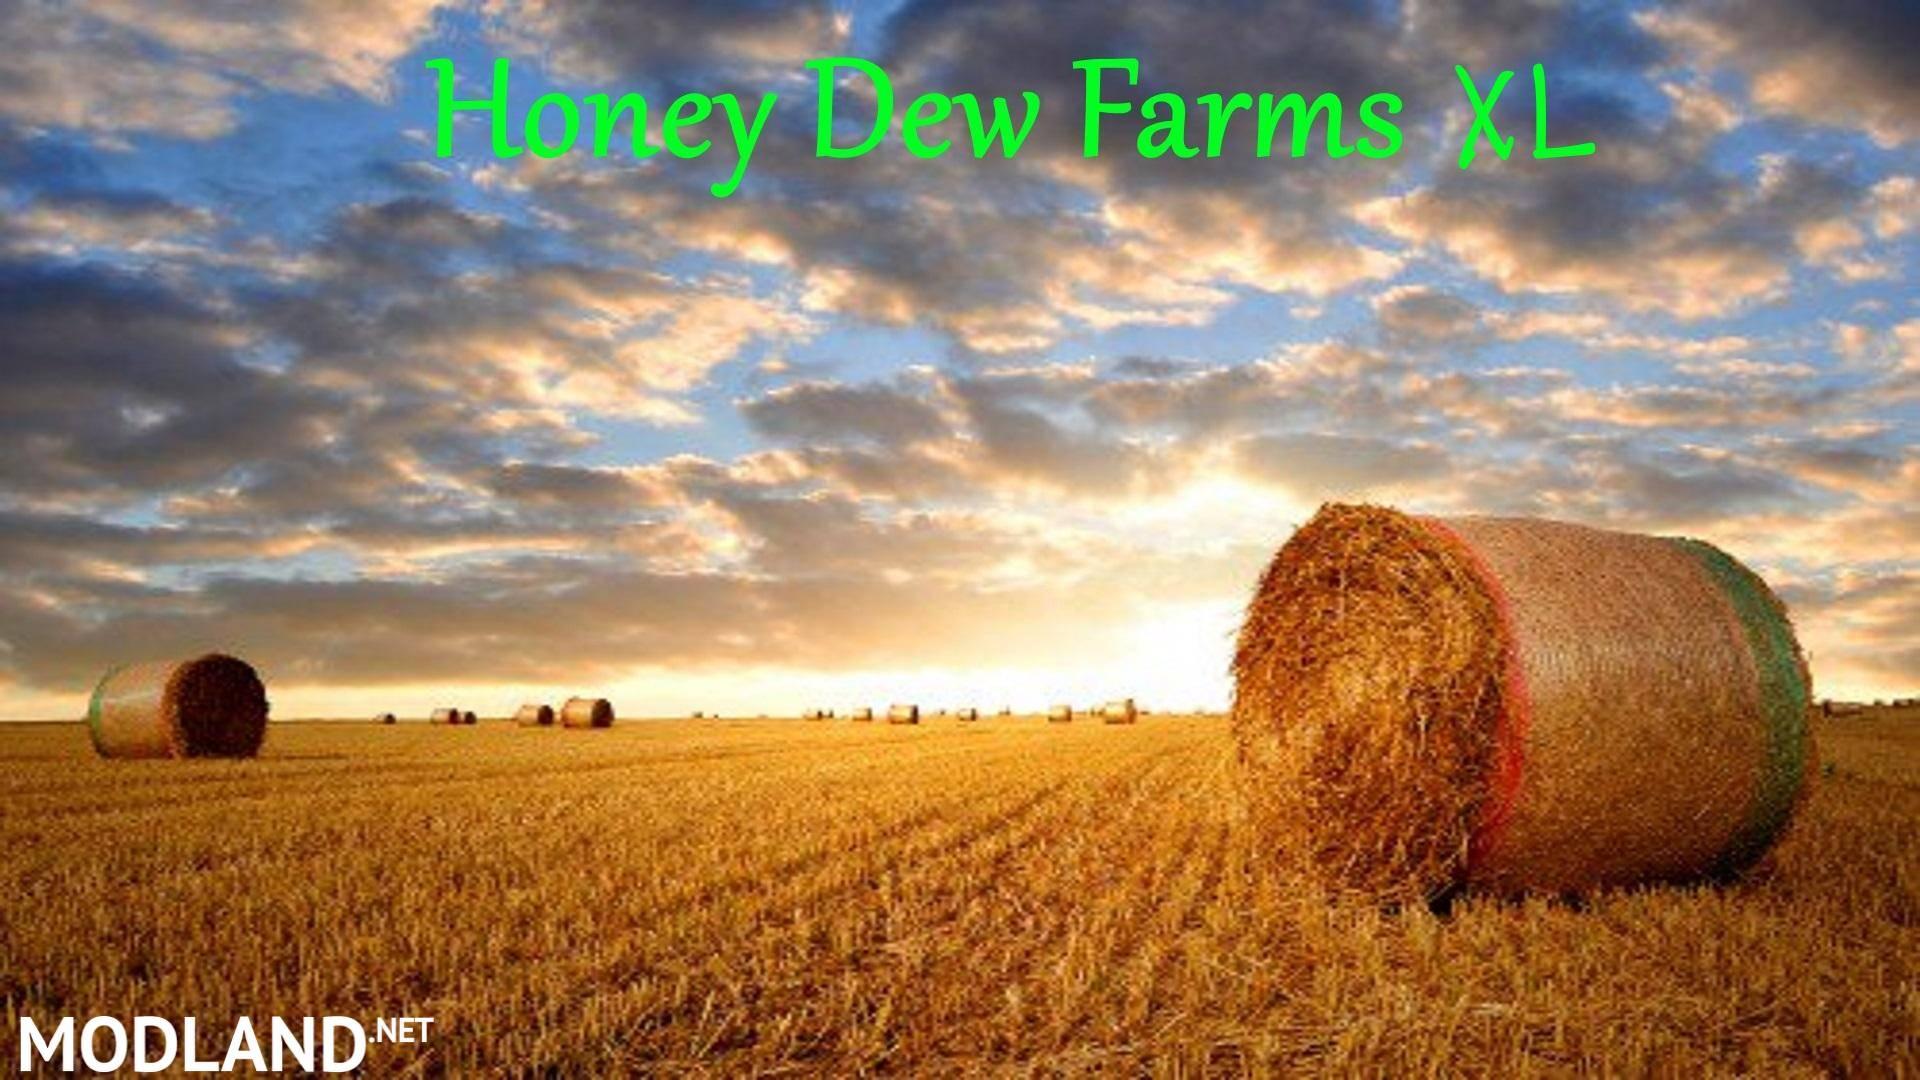 HONEY DEW FARMS XL V11 12 18